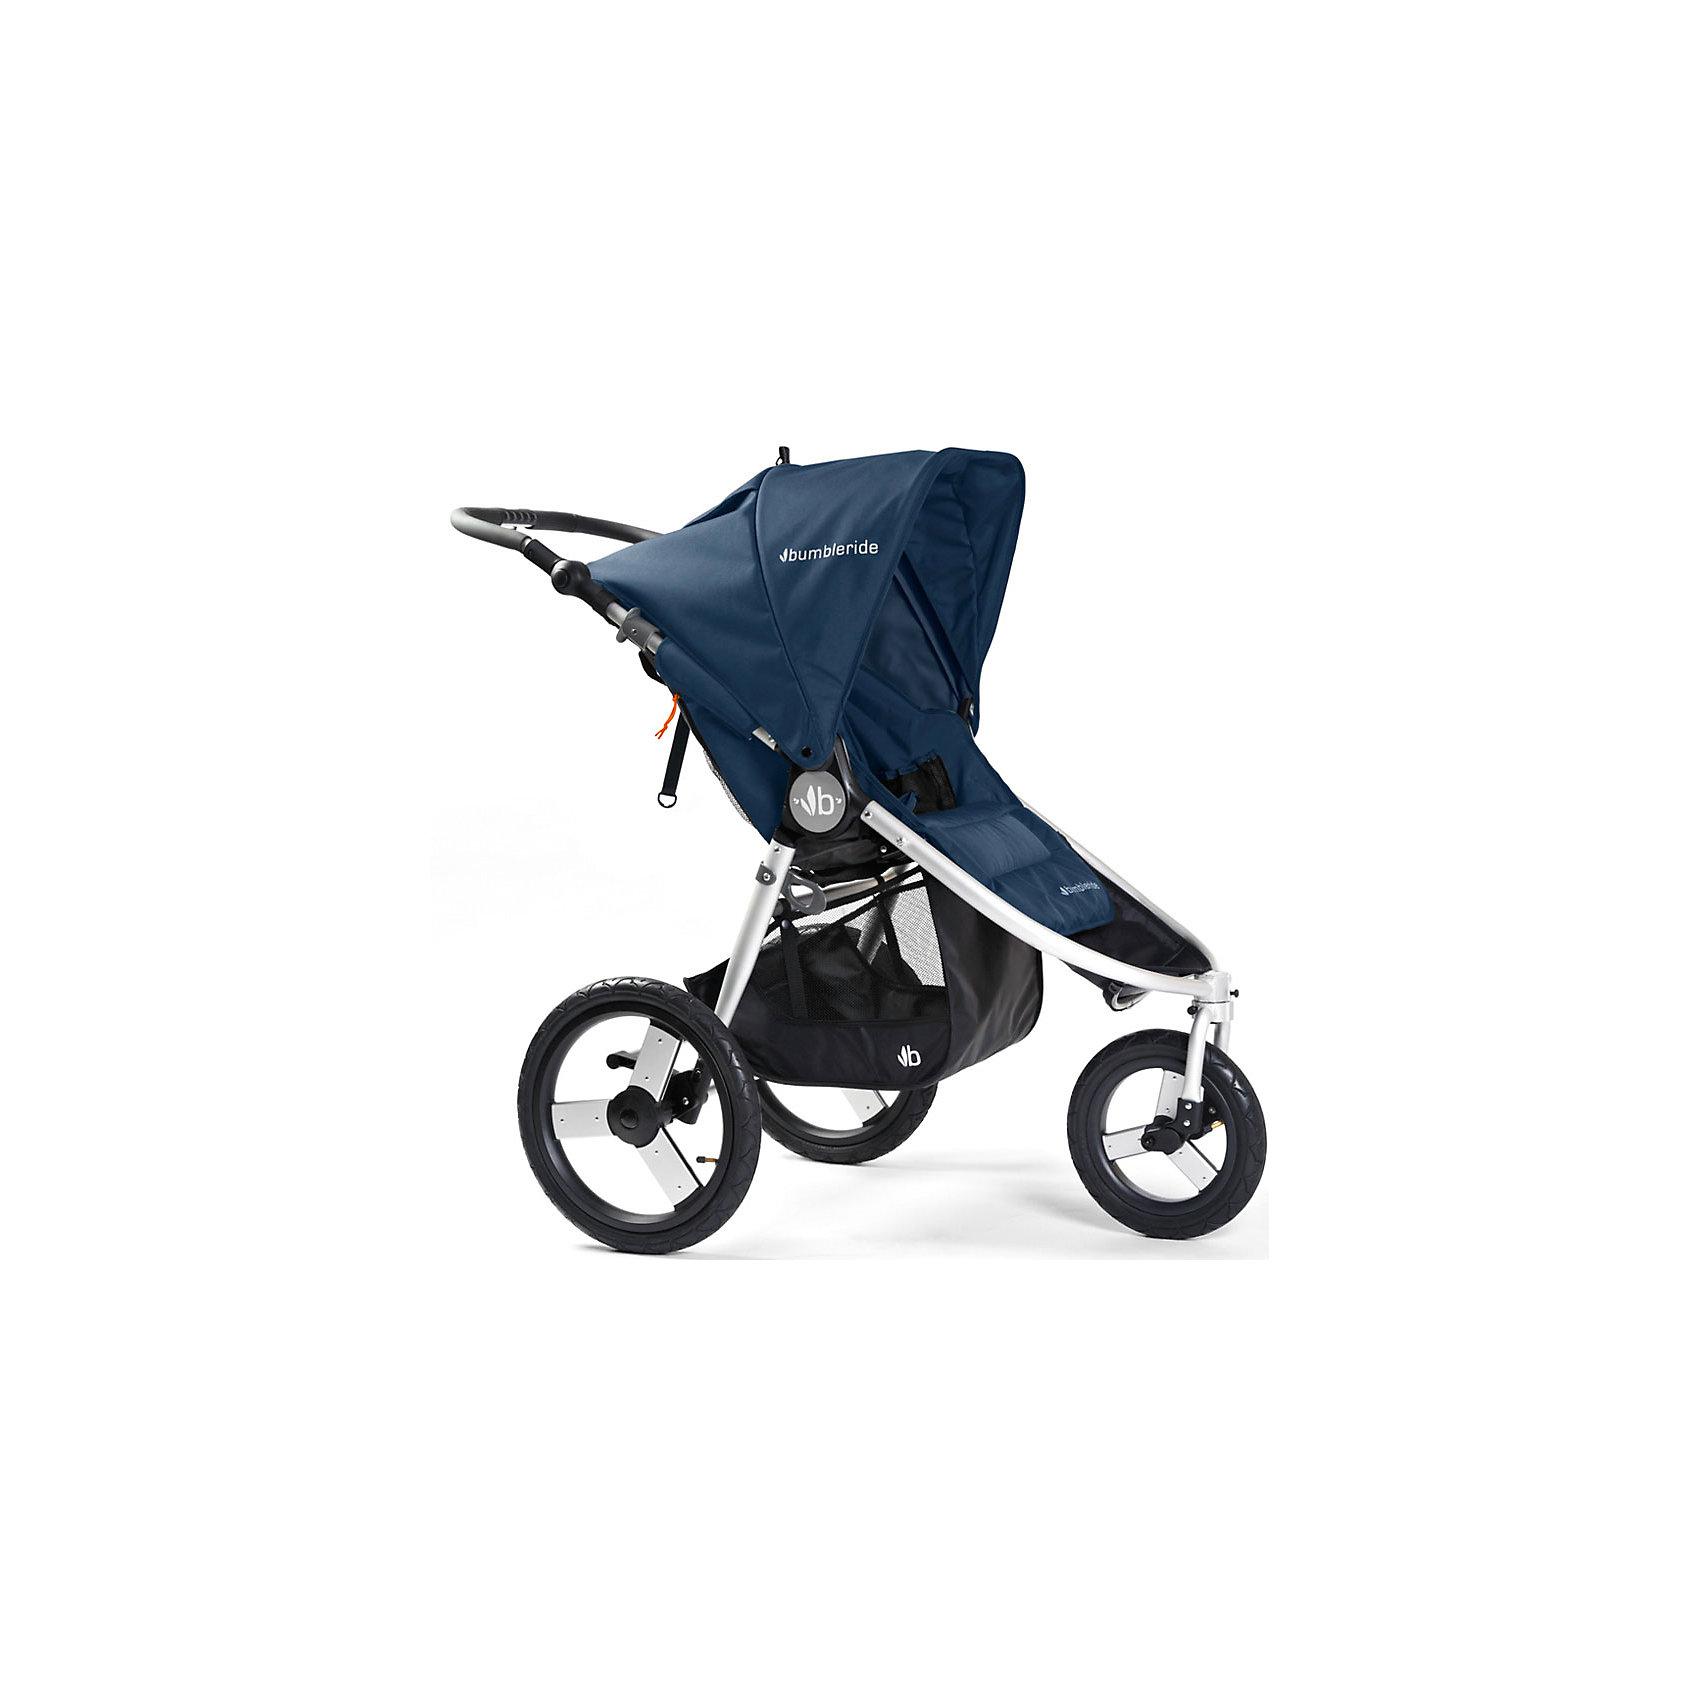 Прогулочная коляска Speed, Bumbleride , maritime blueКоляска для прогулки Speed – уникальная модель от бренда Bumbleride. Коляска – незаменимая вещь для молодых родителей. К ее выбору важно подходить со всей ответственностью. У коляски 3 колеса из высококачественной резины. Переднее колесо имеет три положения. Спинка устанавливается в необходимое положение с помощью надежного рычага регулирования. Модель сборная с автоматической фиксацией положения, причем скорость складывания достигает нескольких секунд! Отличительная особенность модели – отличная амортизация коляски даже на неровной дороге.<br><br>Дополнительная информация: <br><br>цвет: maritime blue;<br>возраст: 6 мес – 3 года;<br>легко складывается;<br>облегченная рама;<br>три положения переднего колеса;<br>регулируется спинка;<br>капюшон;<br>пятиточечные ремни безопасности;<br>вес: 10 кг.<br><br>Коляску для прогулок Speed от компании Bumbleride можно приобрести в нашем магазине.<br><br>Ширина мм: 460<br>Глубина мм: 270<br>Высота мм: 770<br>Вес г: 14500<br>Возраст от месяцев: 6<br>Возраст до месяцев: 36<br>Пол: Унисекс<br>Возраст: Детский<br>SKU: 4998044